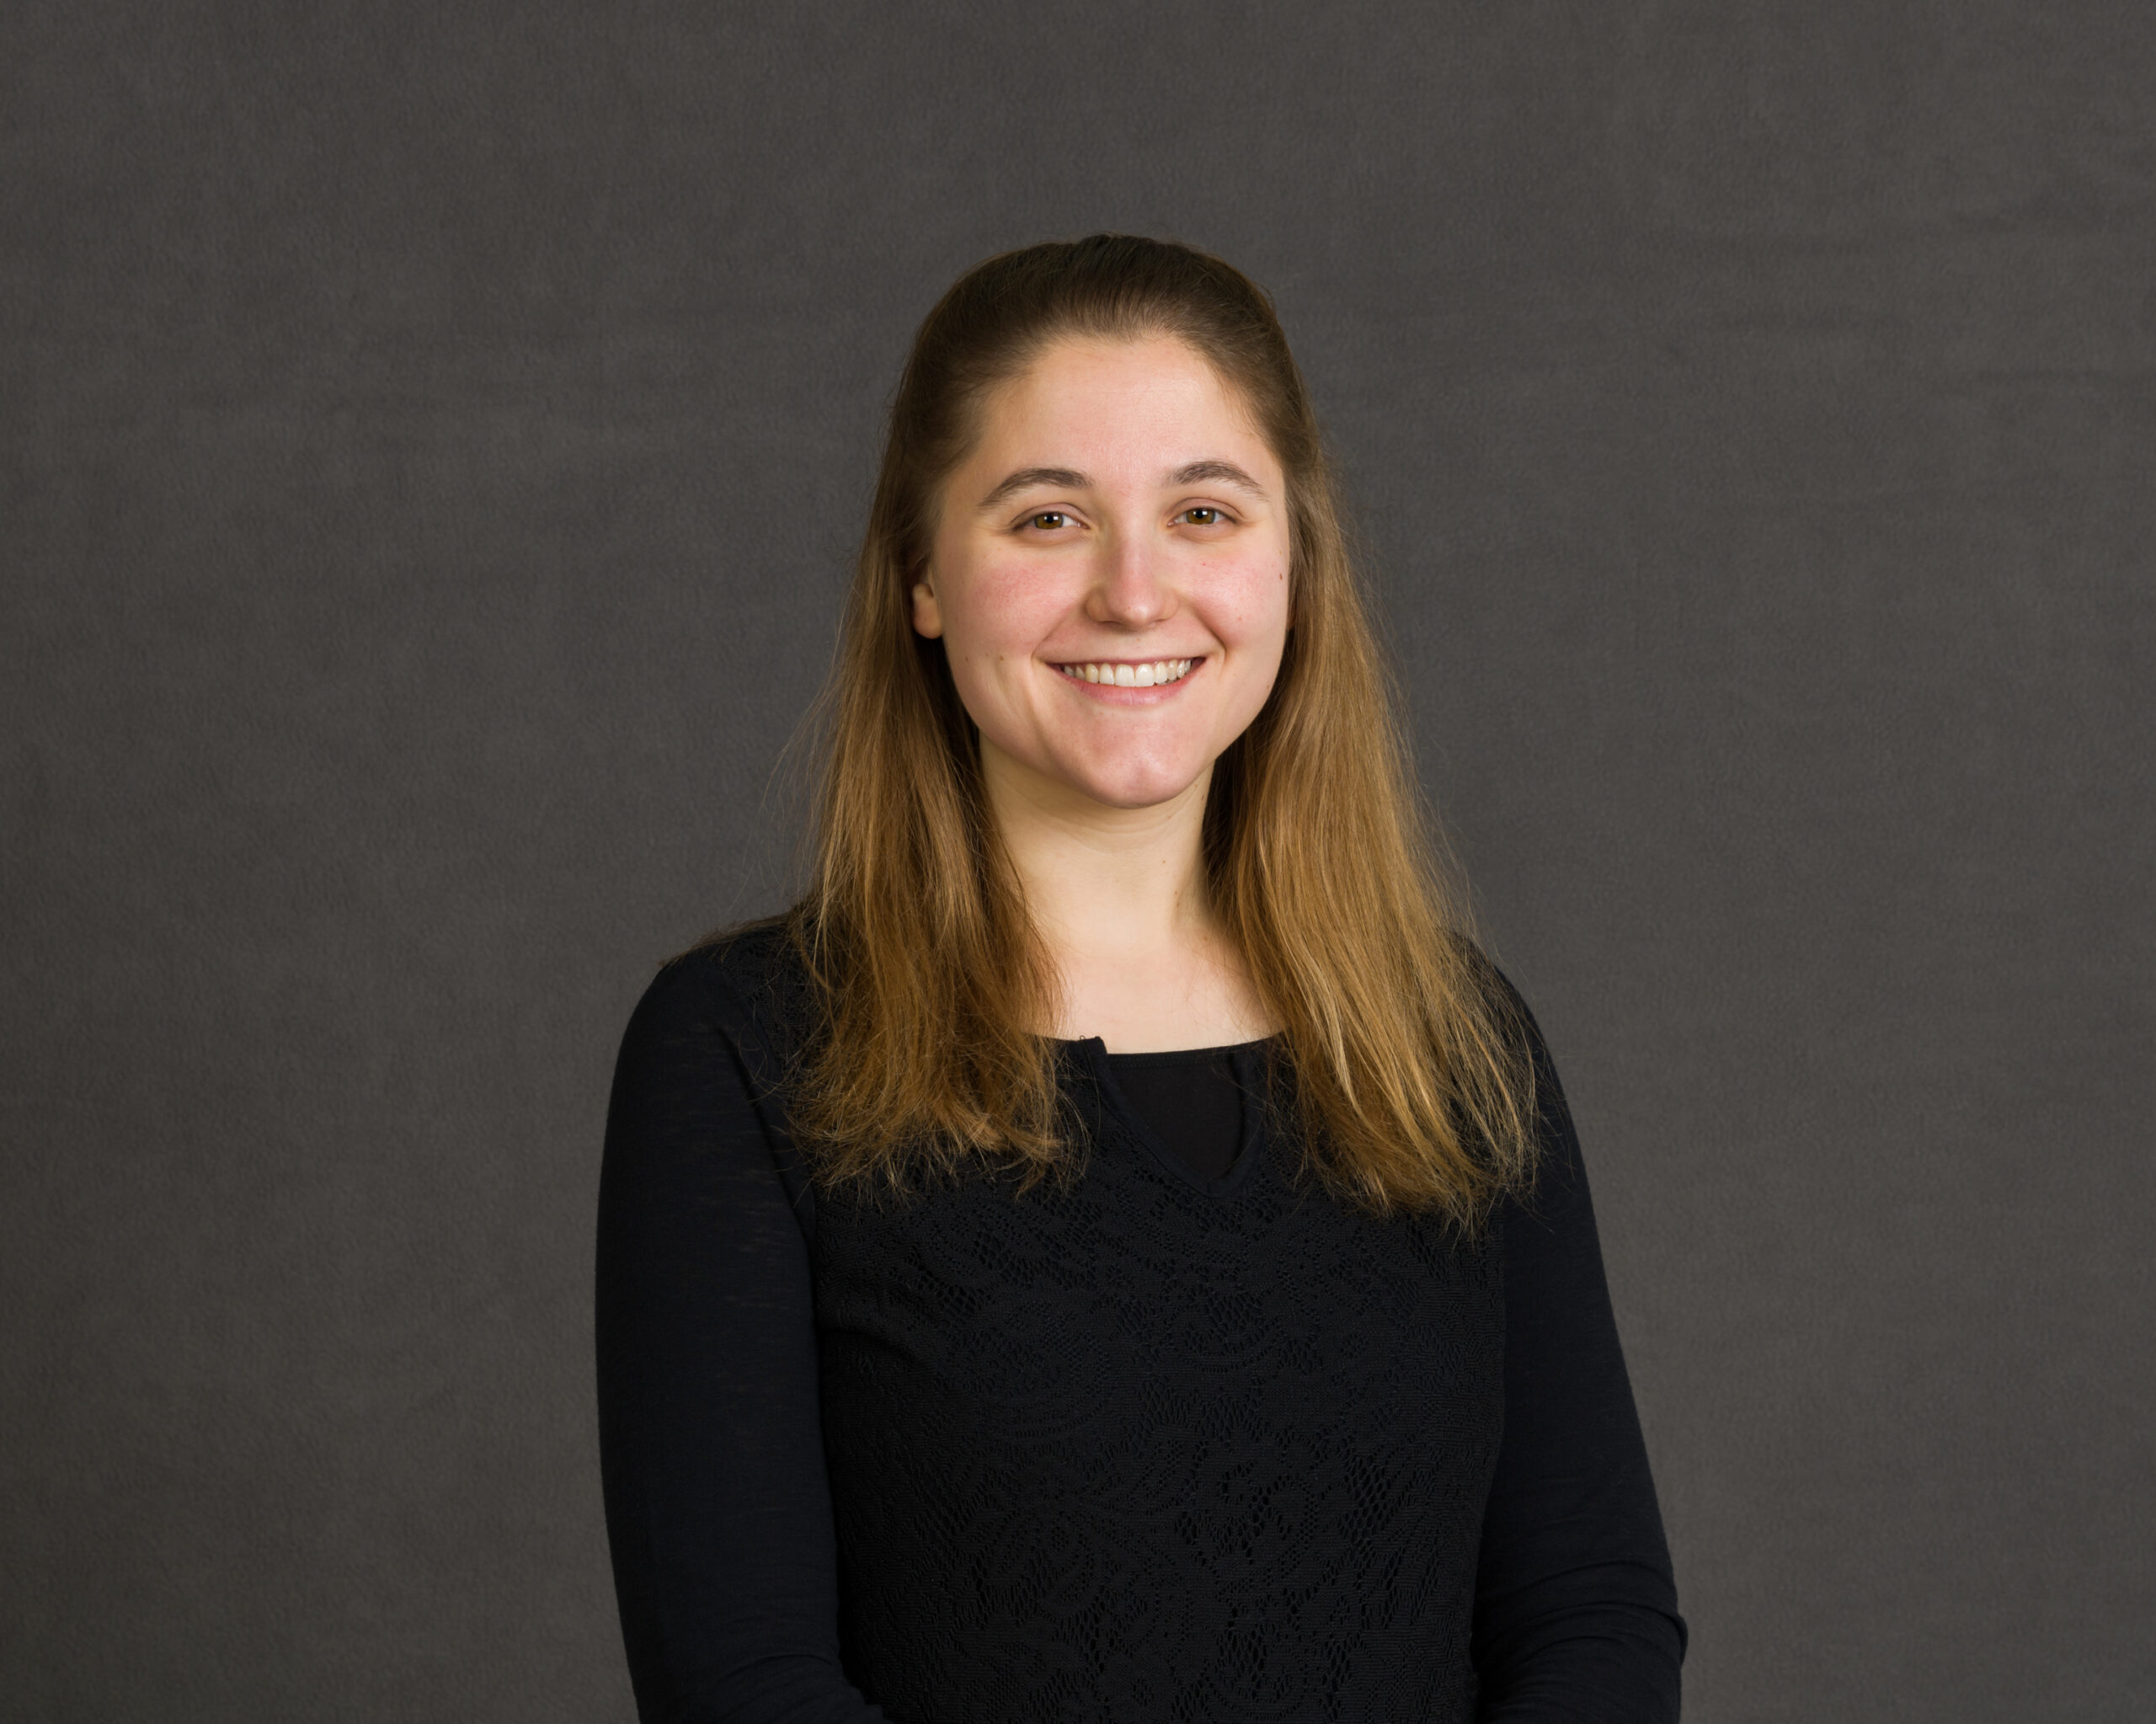 Kristen Nadaskay